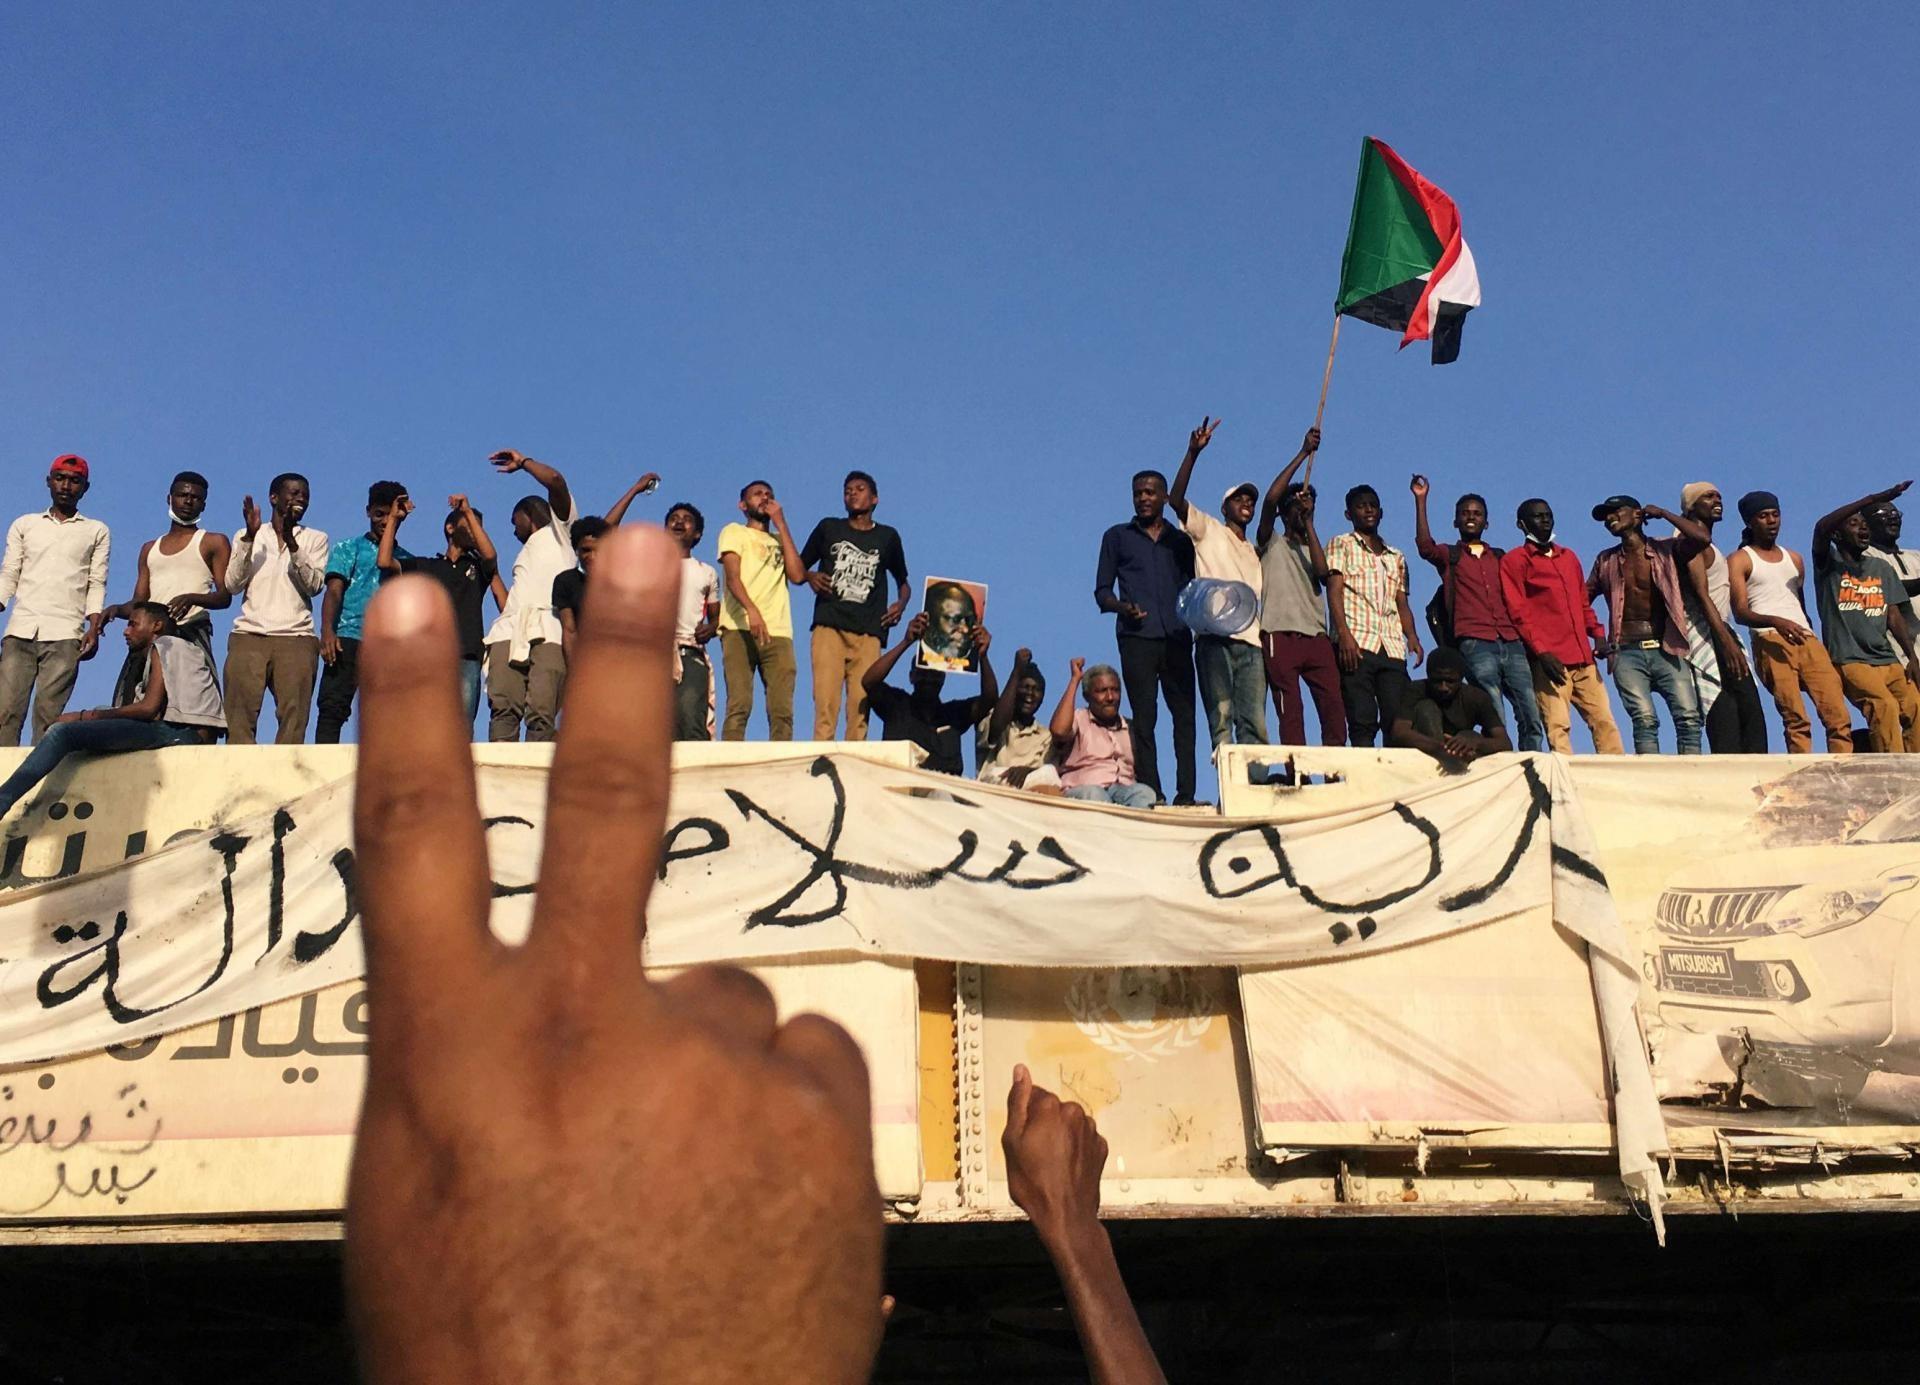 اهم عناوين الصحف السودانية السياسية اليوم الاثنين 15 أبريل 2019 - صحف السودان اليوم